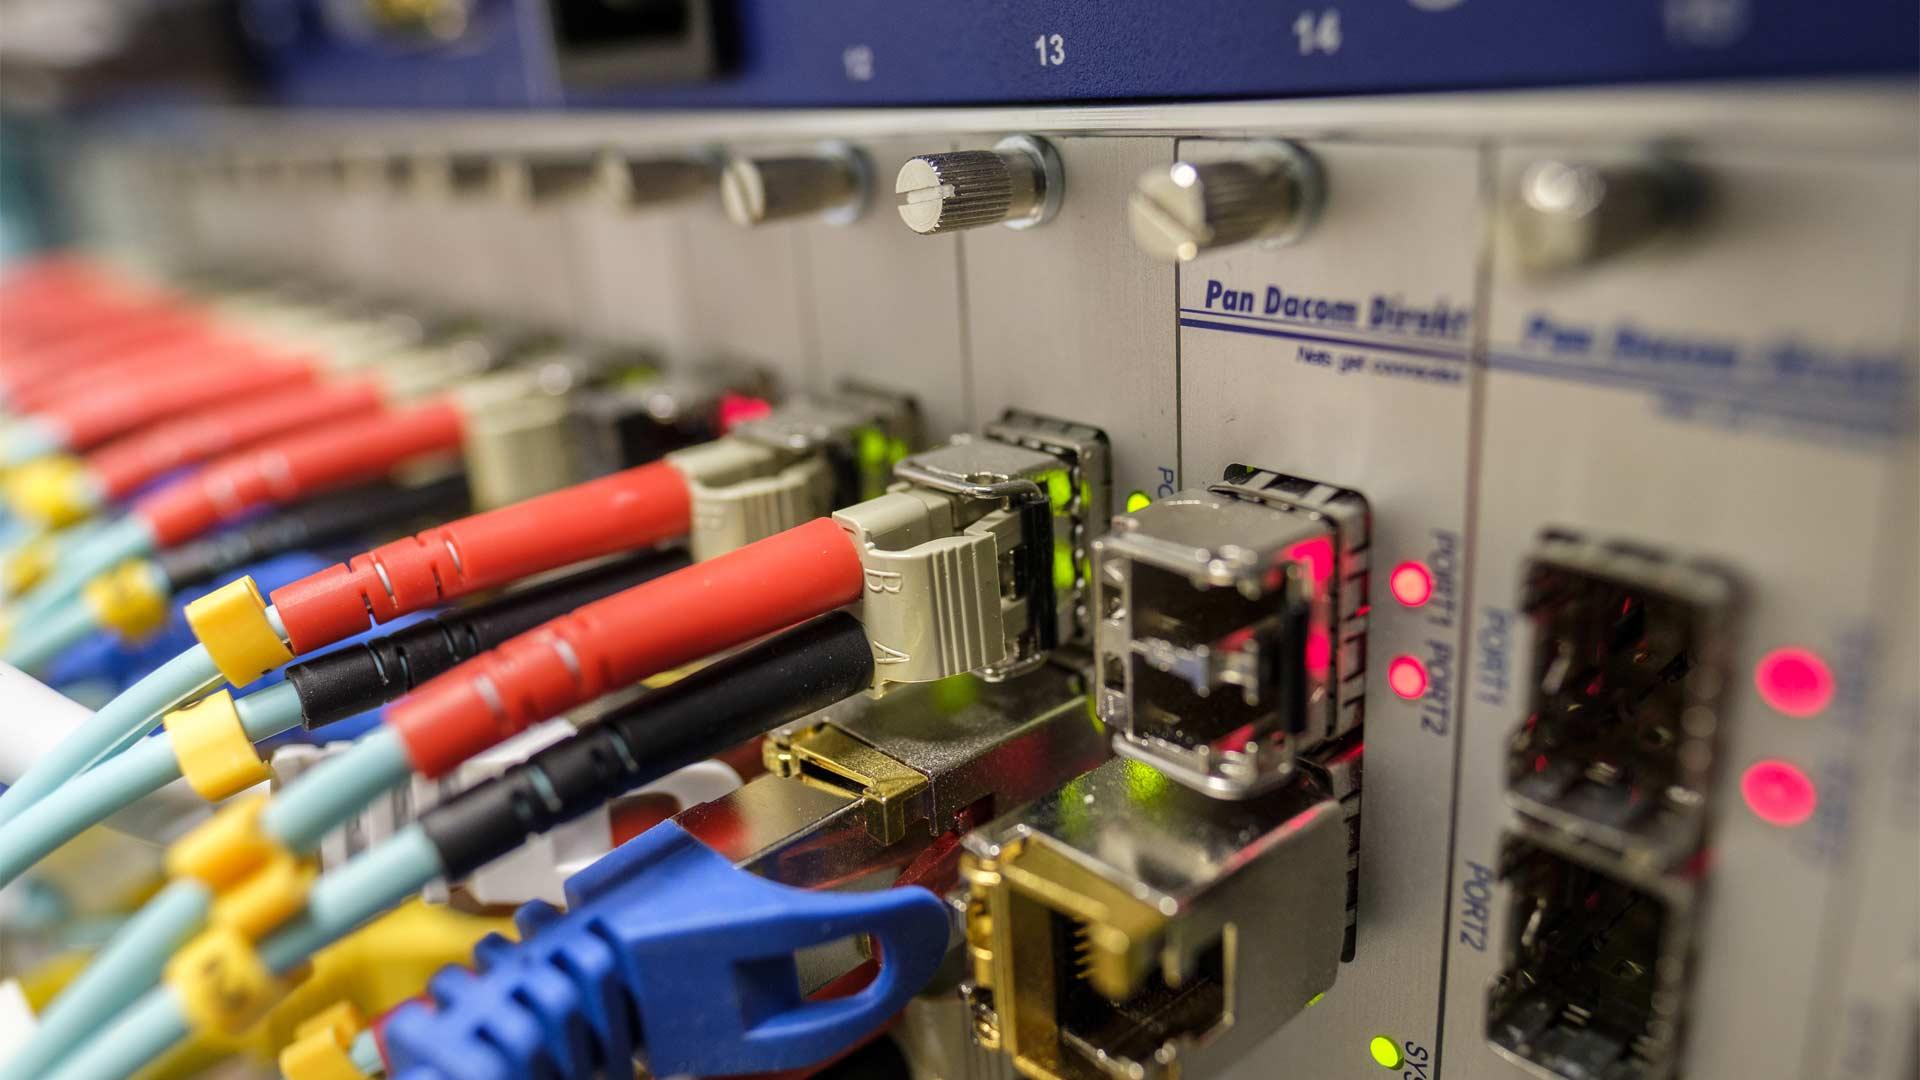 アクセス層とは - 物理的な信号の伝送【第4回 ド素人のためのネットワーク講座】